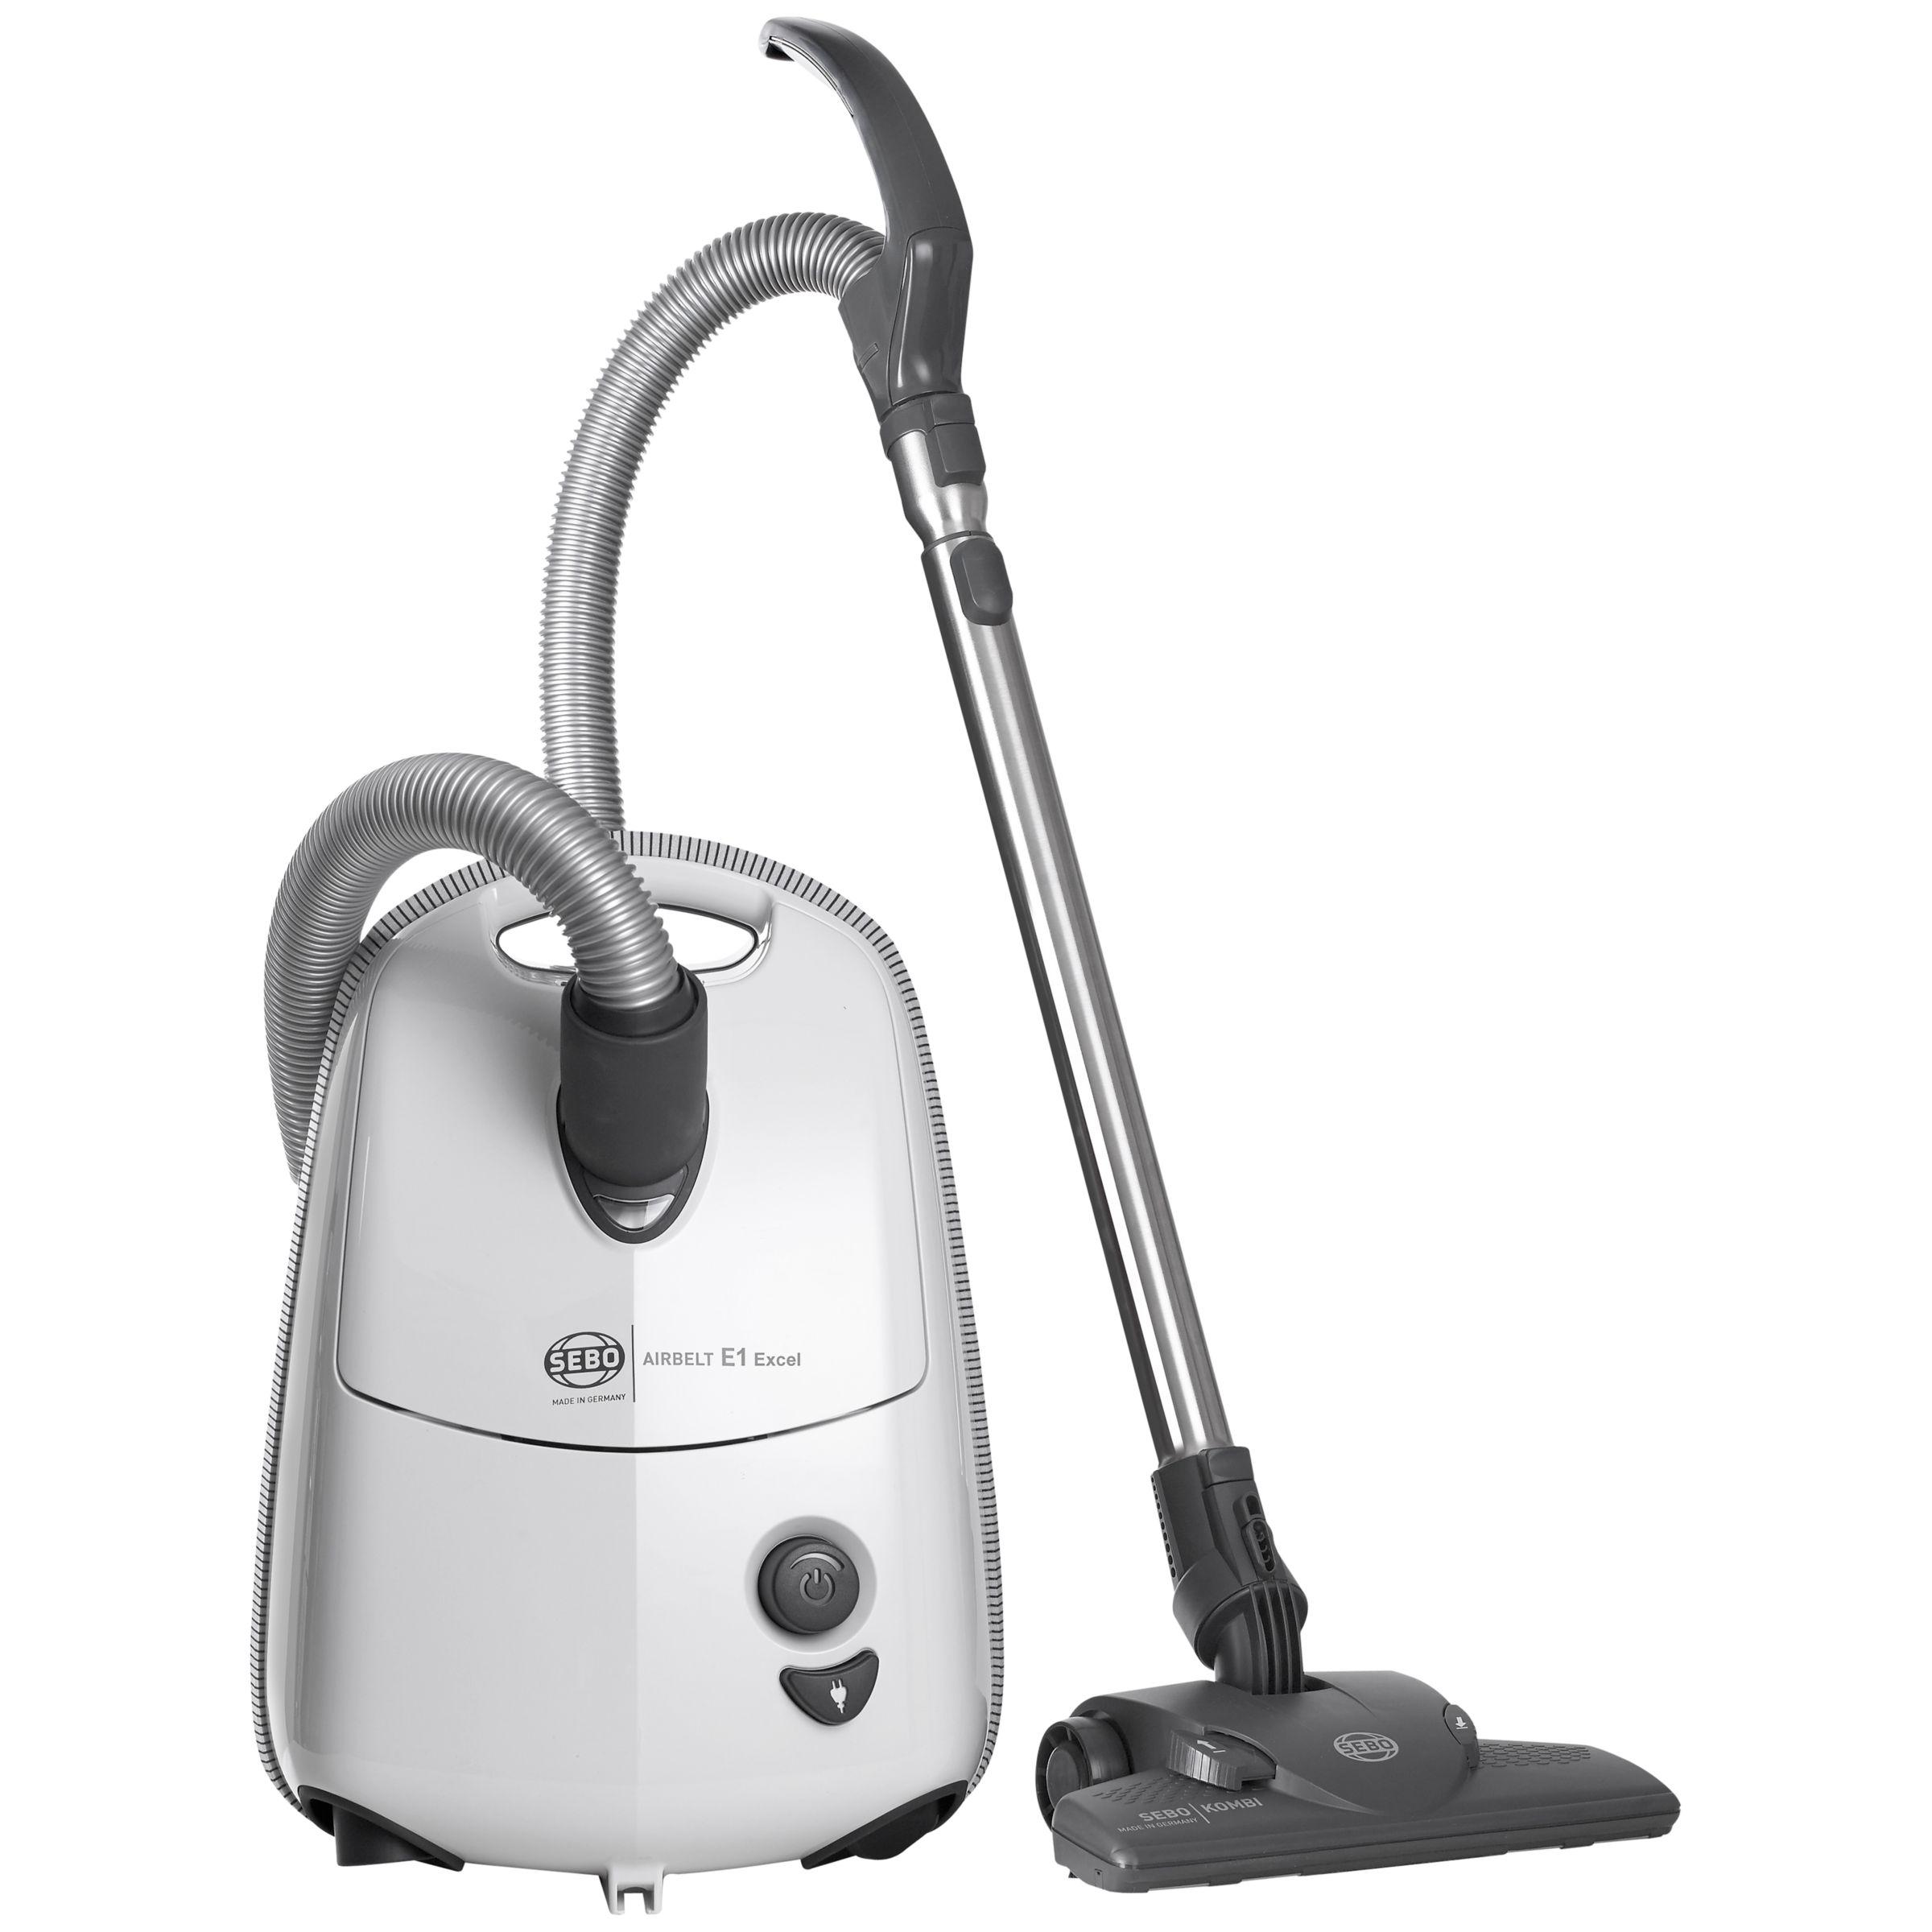 Sebo Sebo 91602GB Airbelt E1 Excel Vacuum Cleaner, White